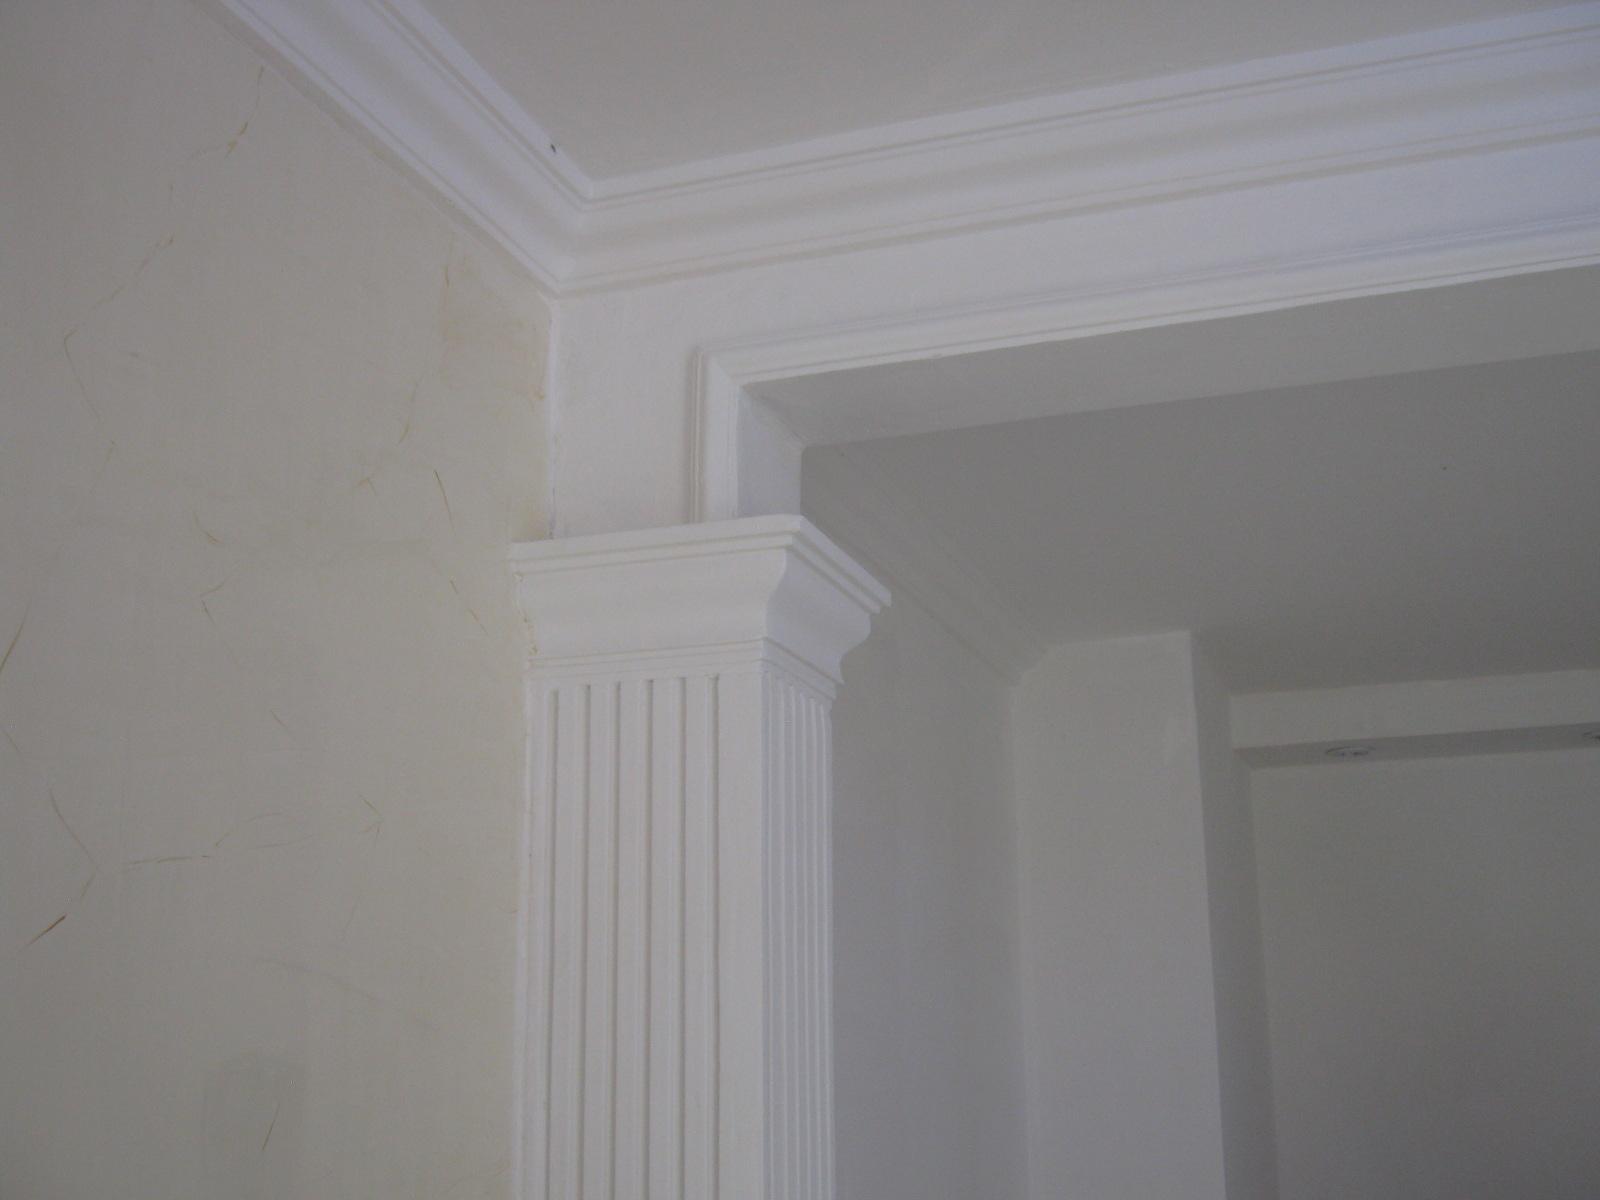 Decoracionesfelipe dise os en yeso - Molduras para techos interiores ...